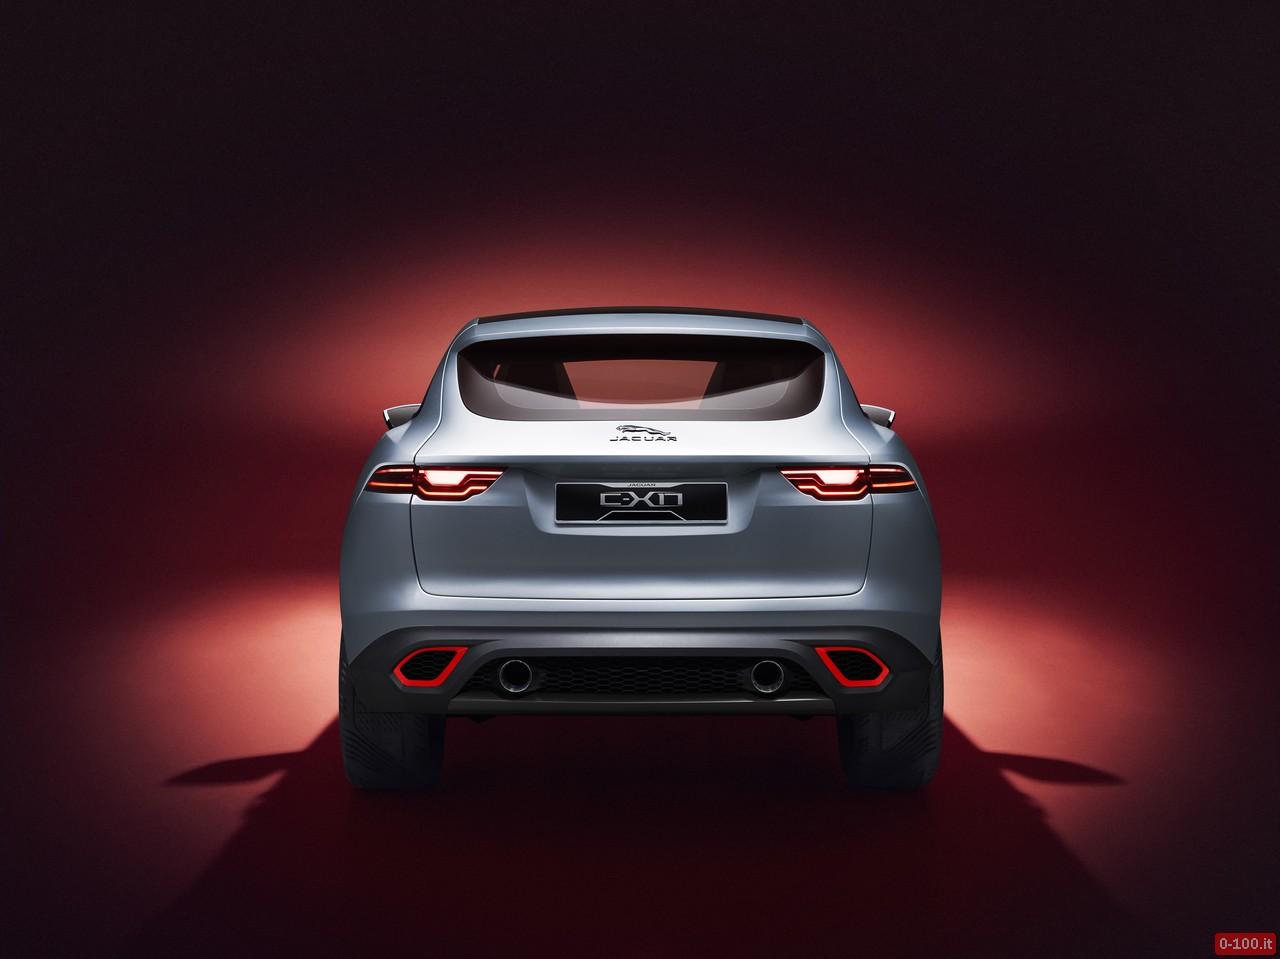 jaguar-c-x17-dubai-price-aluminum_0-100_34